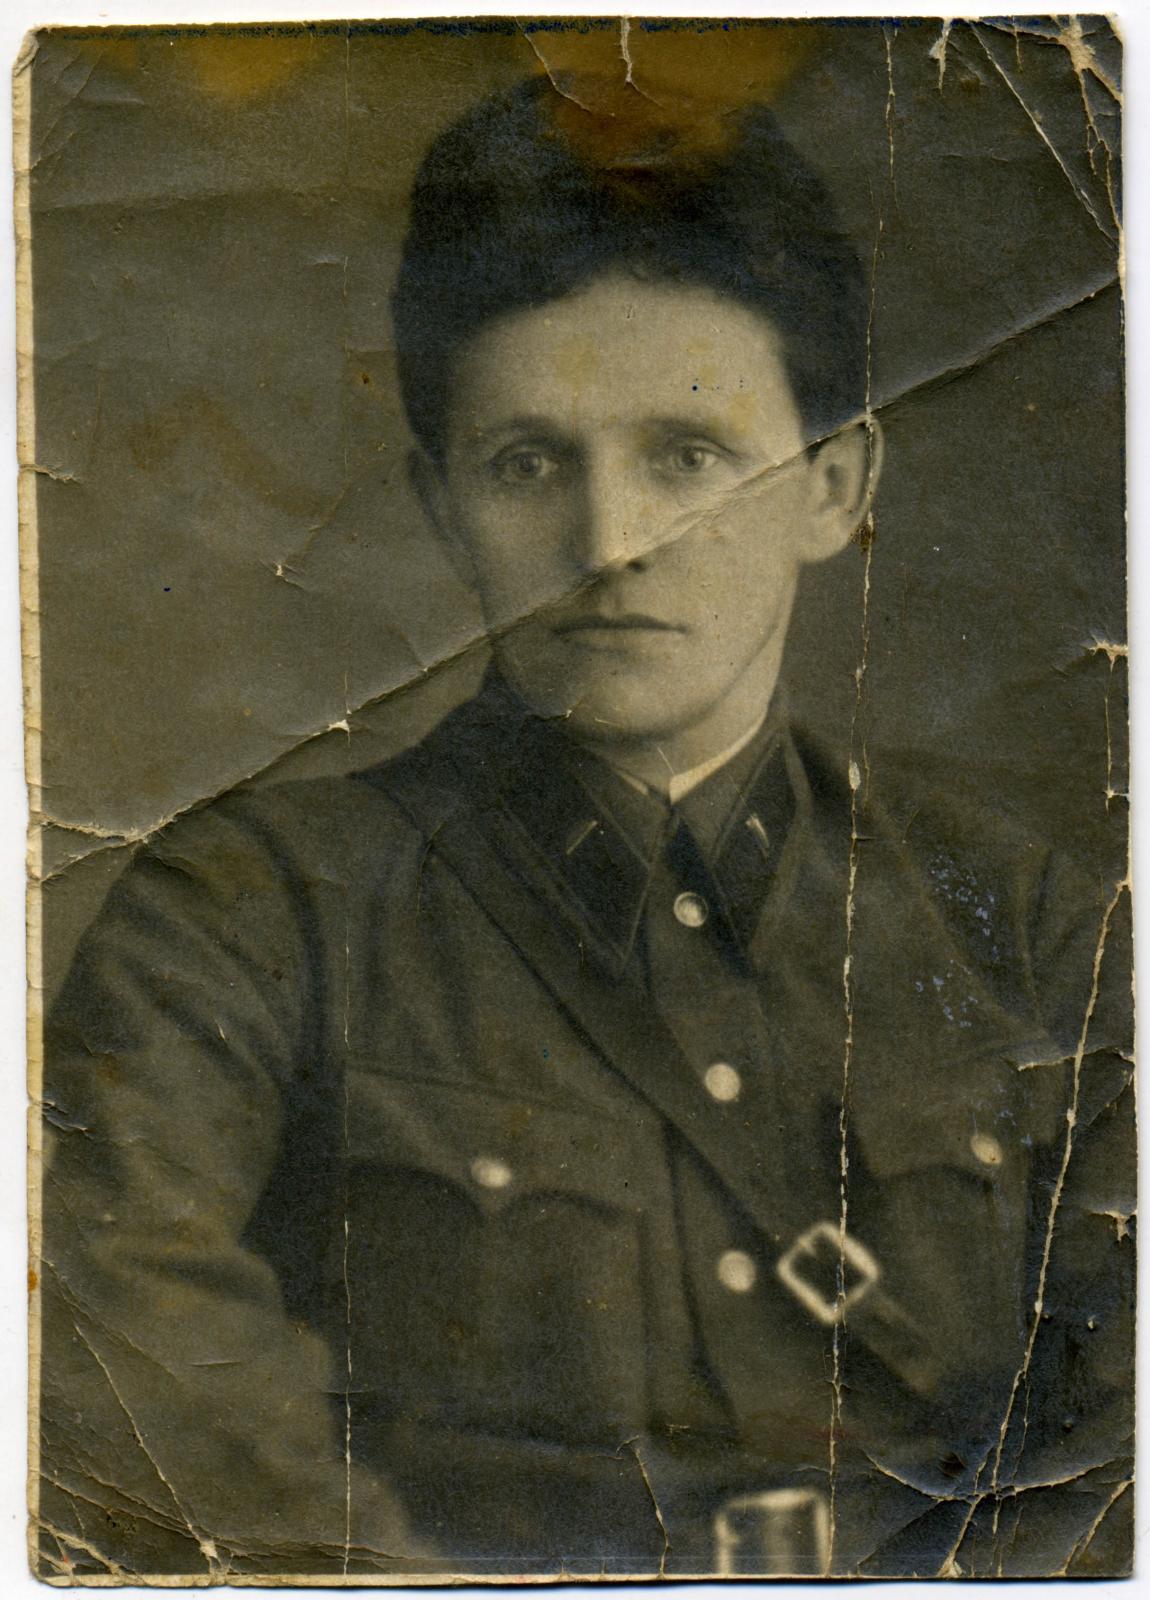 1940. Лейтенант государственной безопасности Пушкин Дмитрий Васильевич г. Свердловск